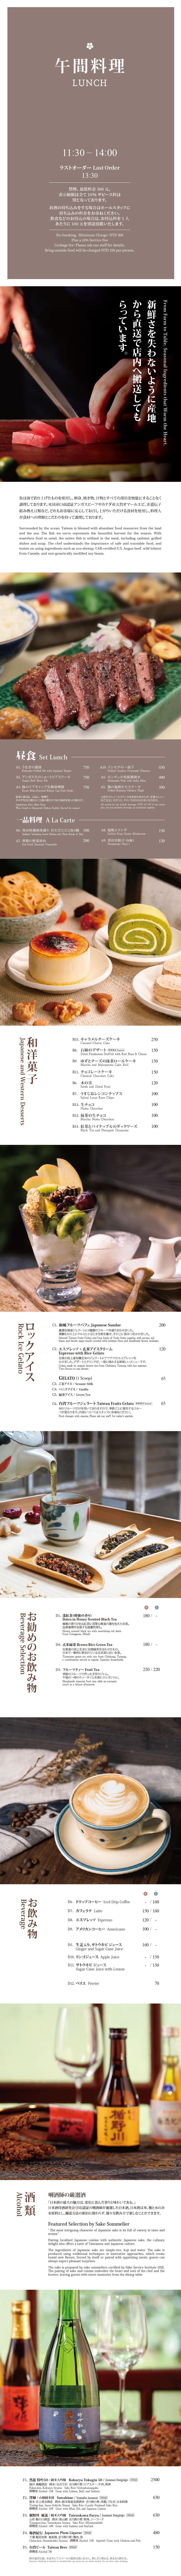 青田七六-ランチメニュー-202011